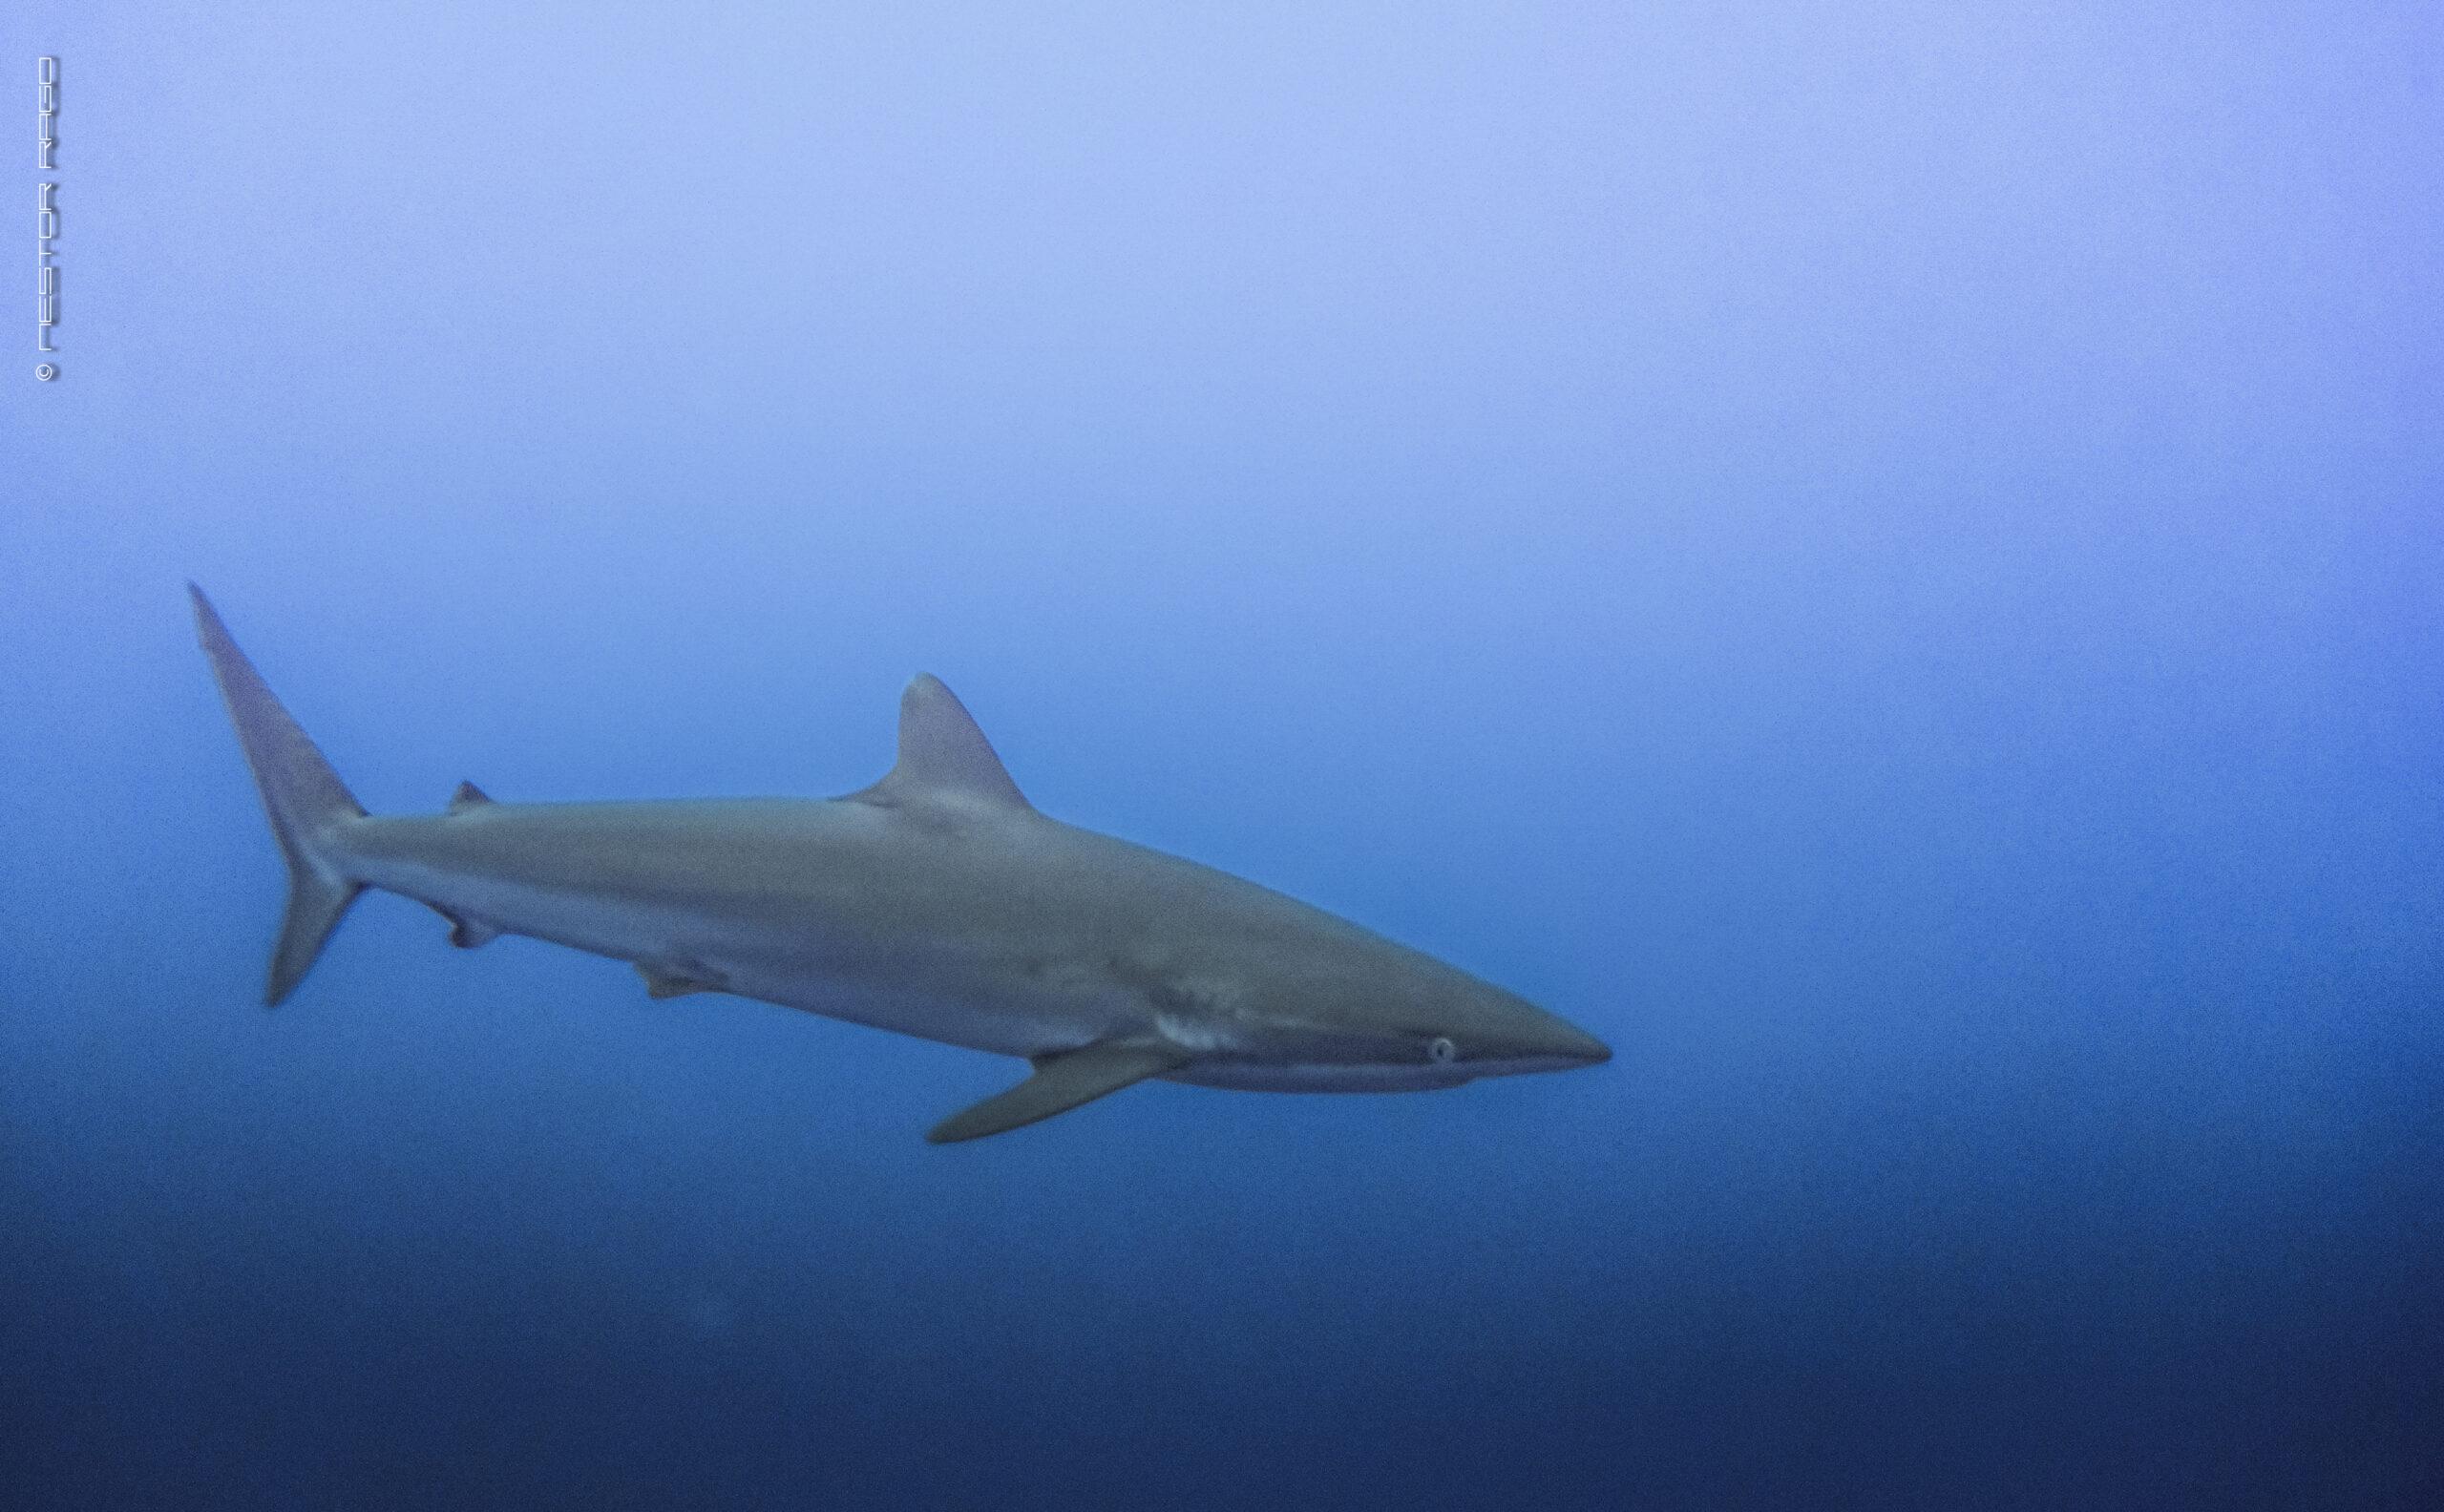 Conservacionistas Piden Protección del Tiburón Sedoso